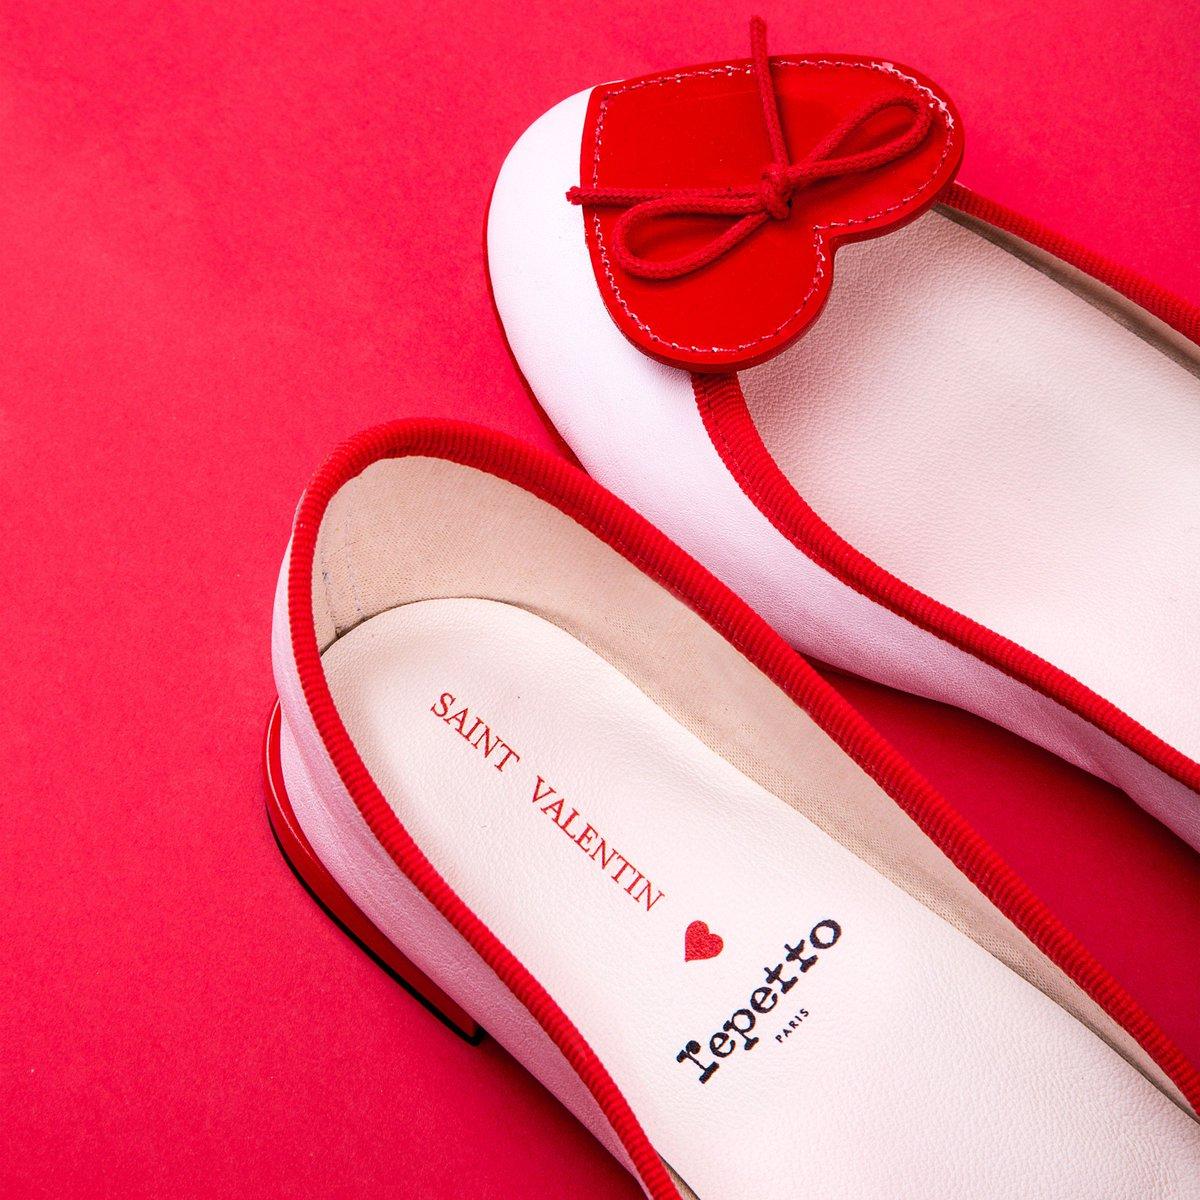 レペット、バレンタインに向けた10足限定「バレエシューズ」トゥに真っ赤なハート fashion-pr…